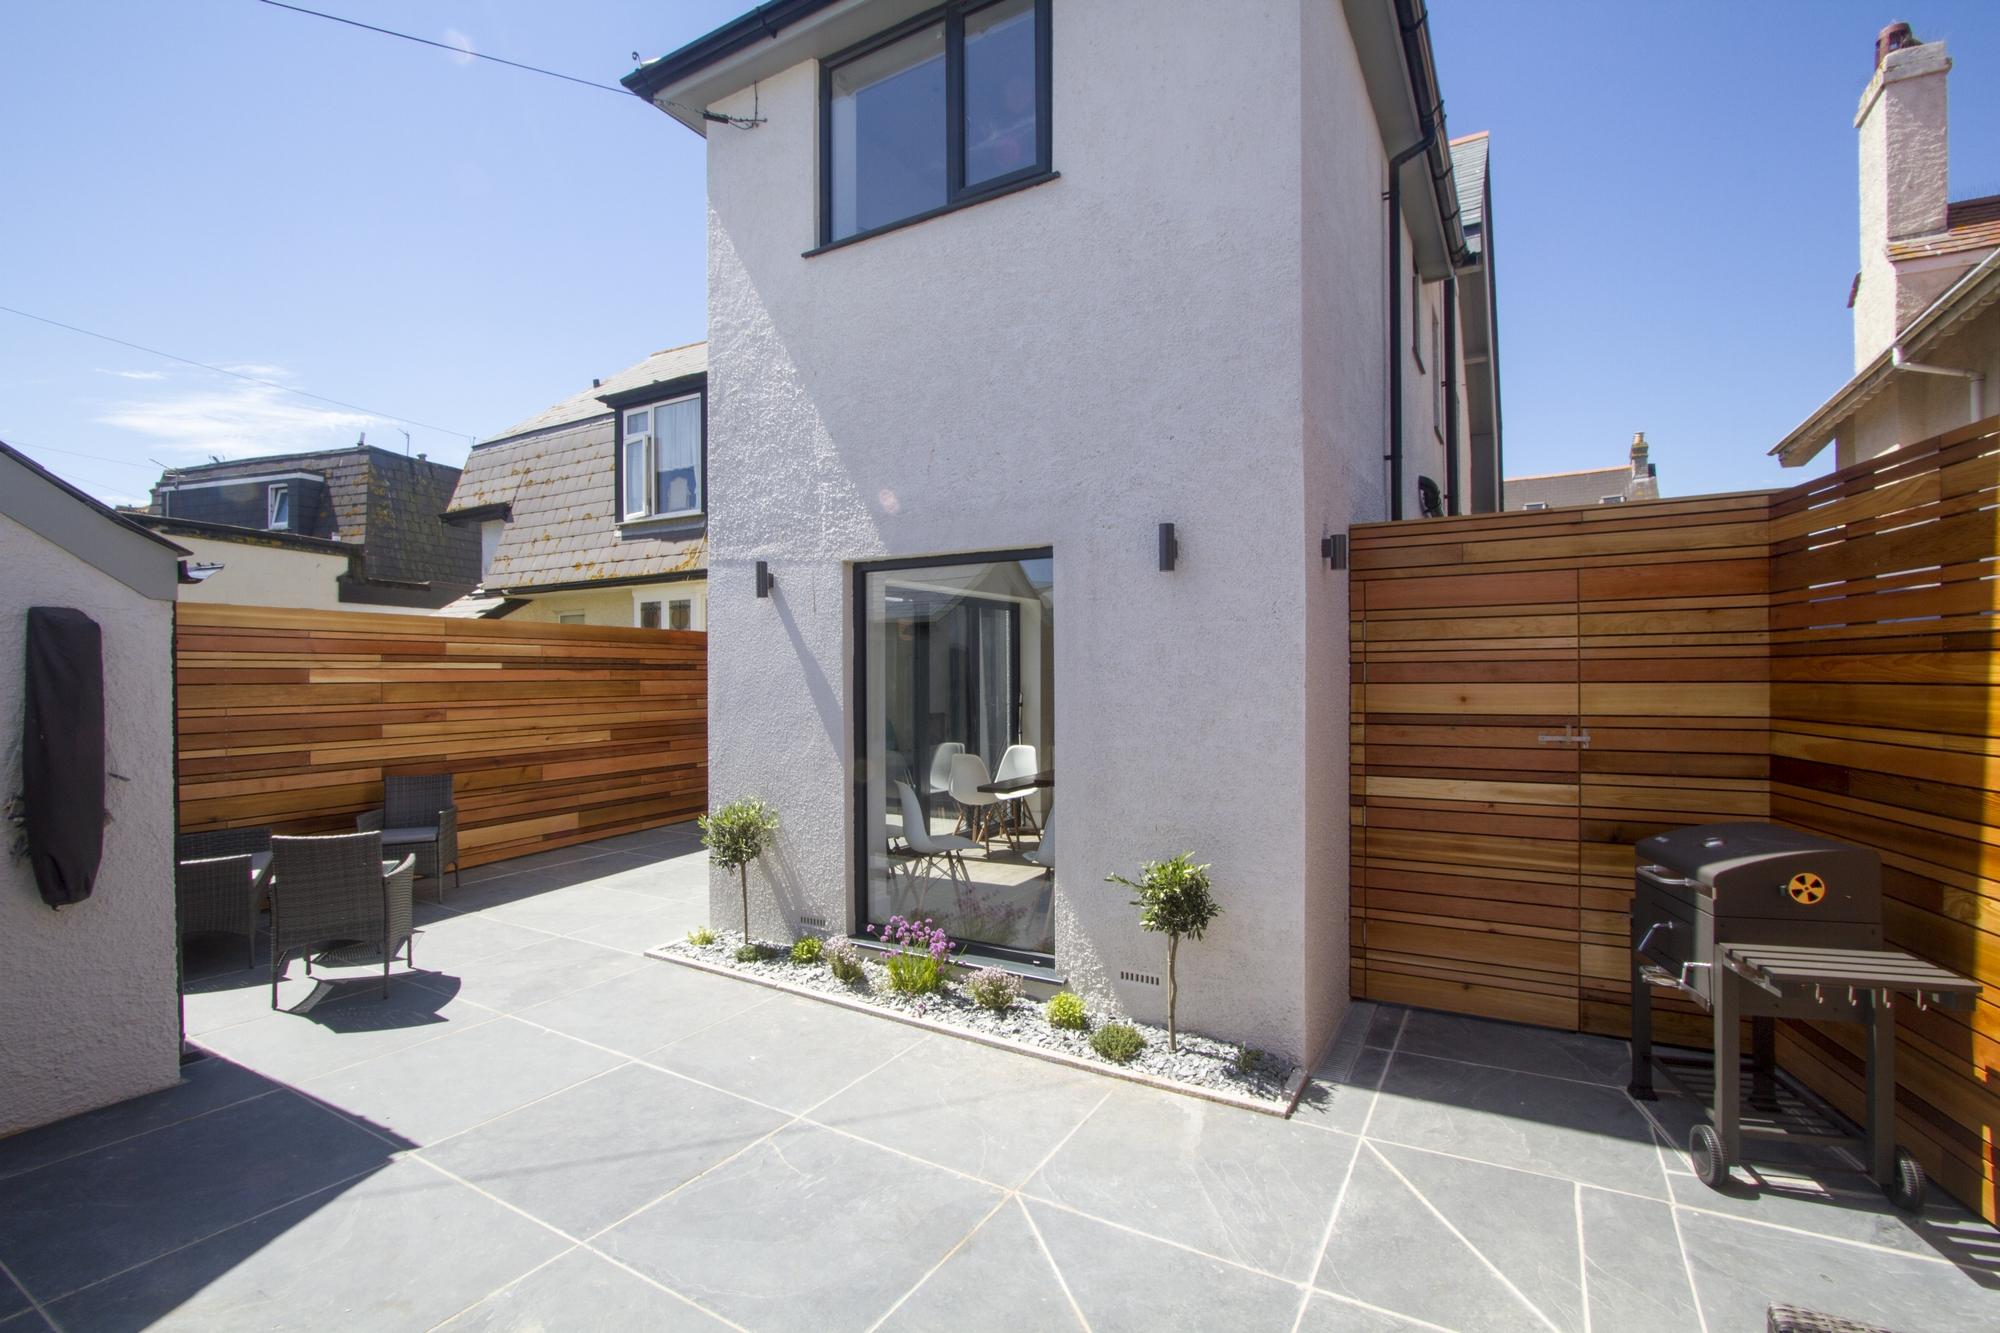 Courtyard-1.jpg